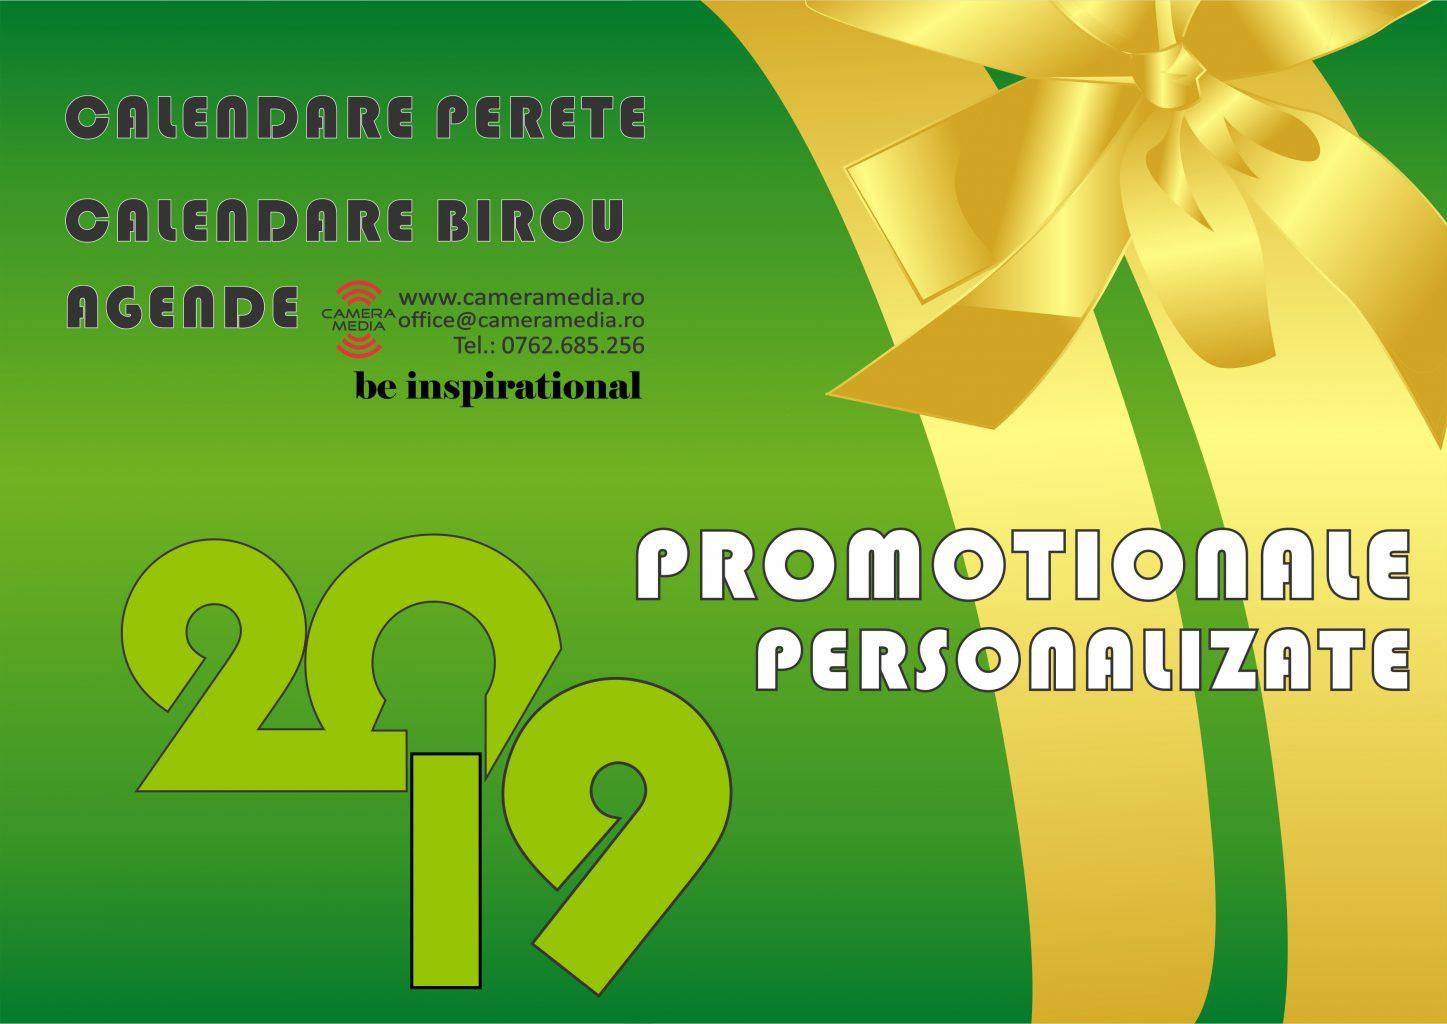 Cover Promotionale Craiova 2019 Craiova Tiparituri Craiova Promotionale Craiova Calendare Personalizate Craiova 2019 agende Personalizate Craiova 2019